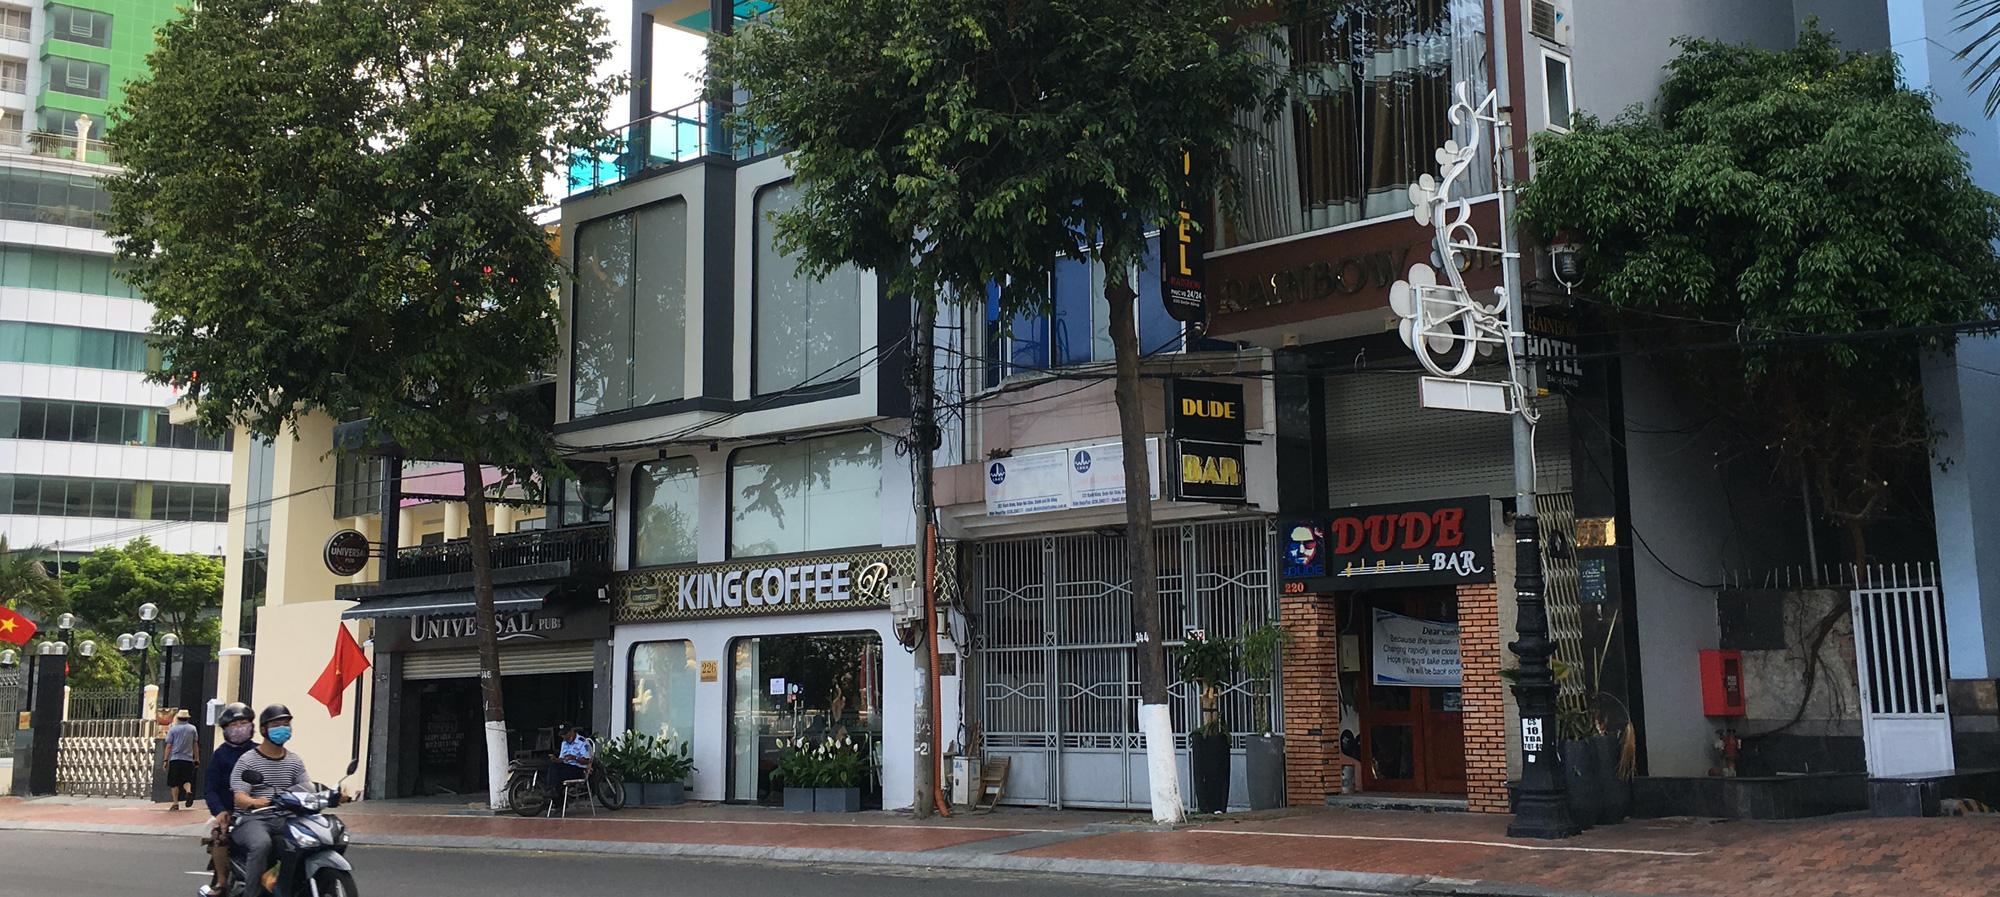 Từ quán cà phê, bánh ngọt đến trà sữa ở Đà Nẵng dừng luôn việc bán online, mang đi khi chính quyền cấm - Ảnh 6.